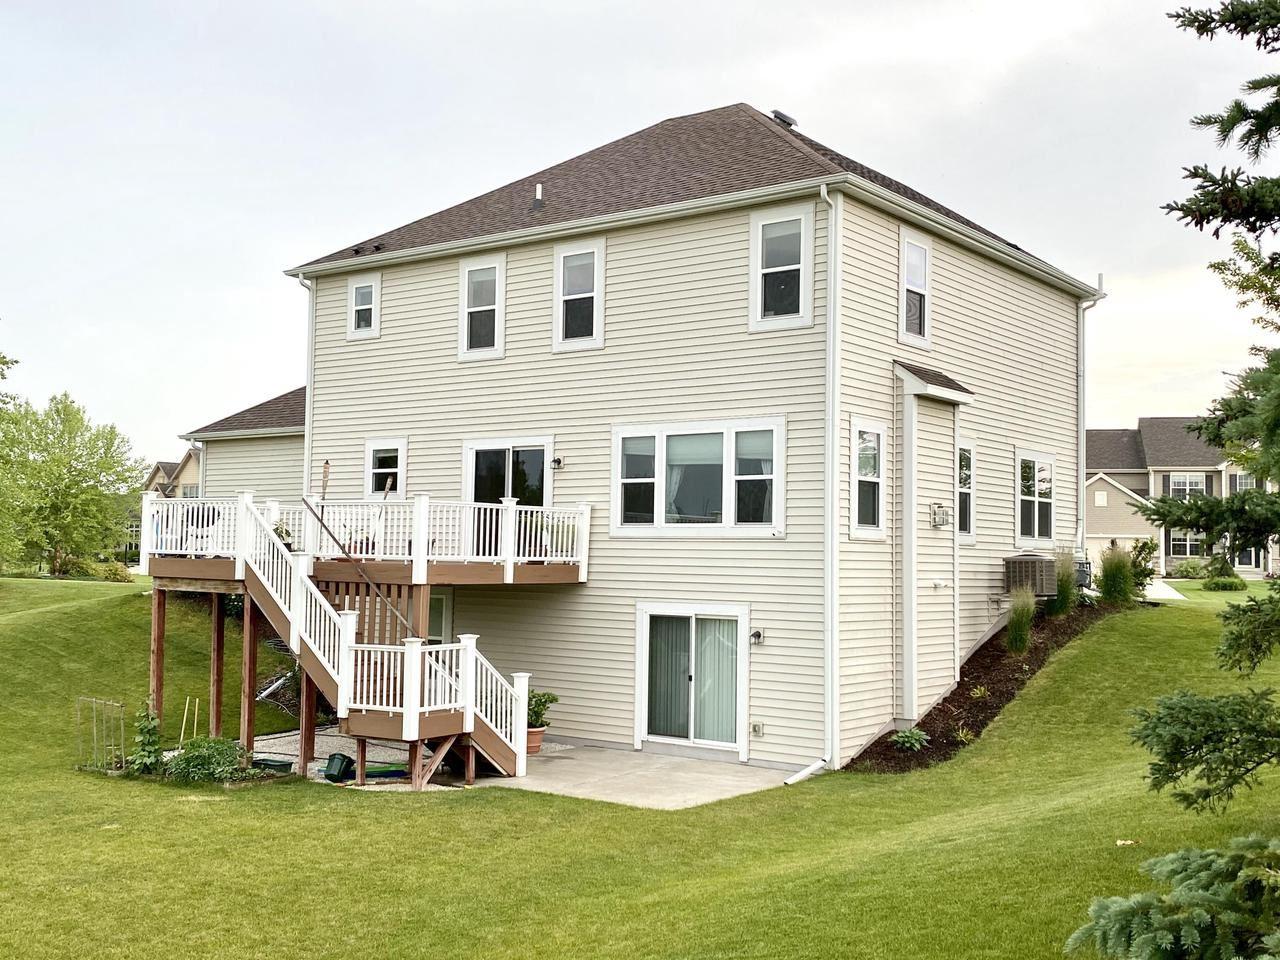 N43W22727 Victoria St, Pewaukee, WI 53072 - MLS#: 1697861